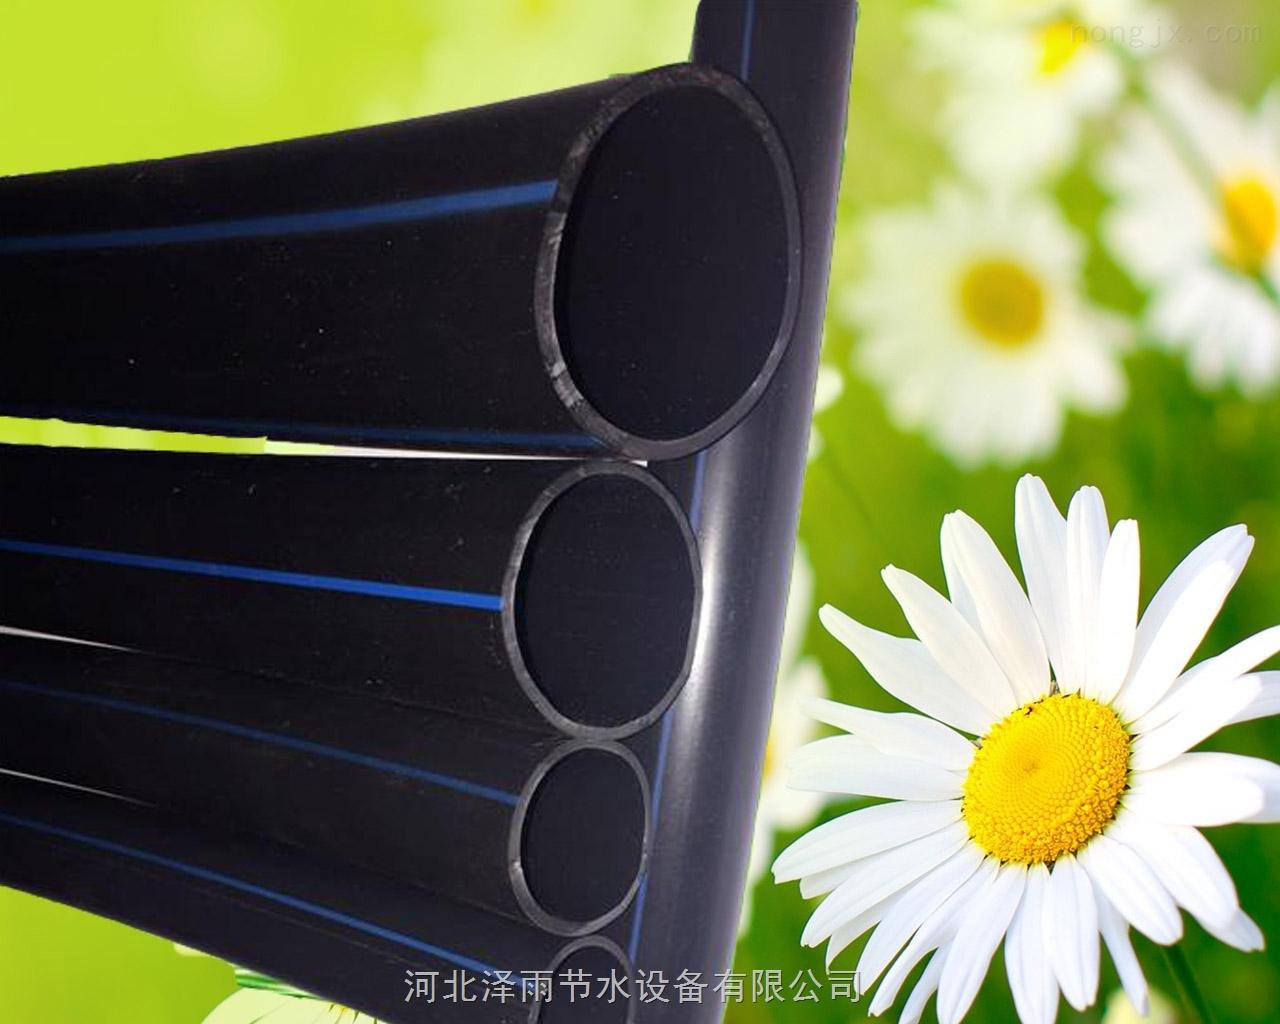 安徽省毫州市农业滴灌管灌溉管优质滴灌管材厂家